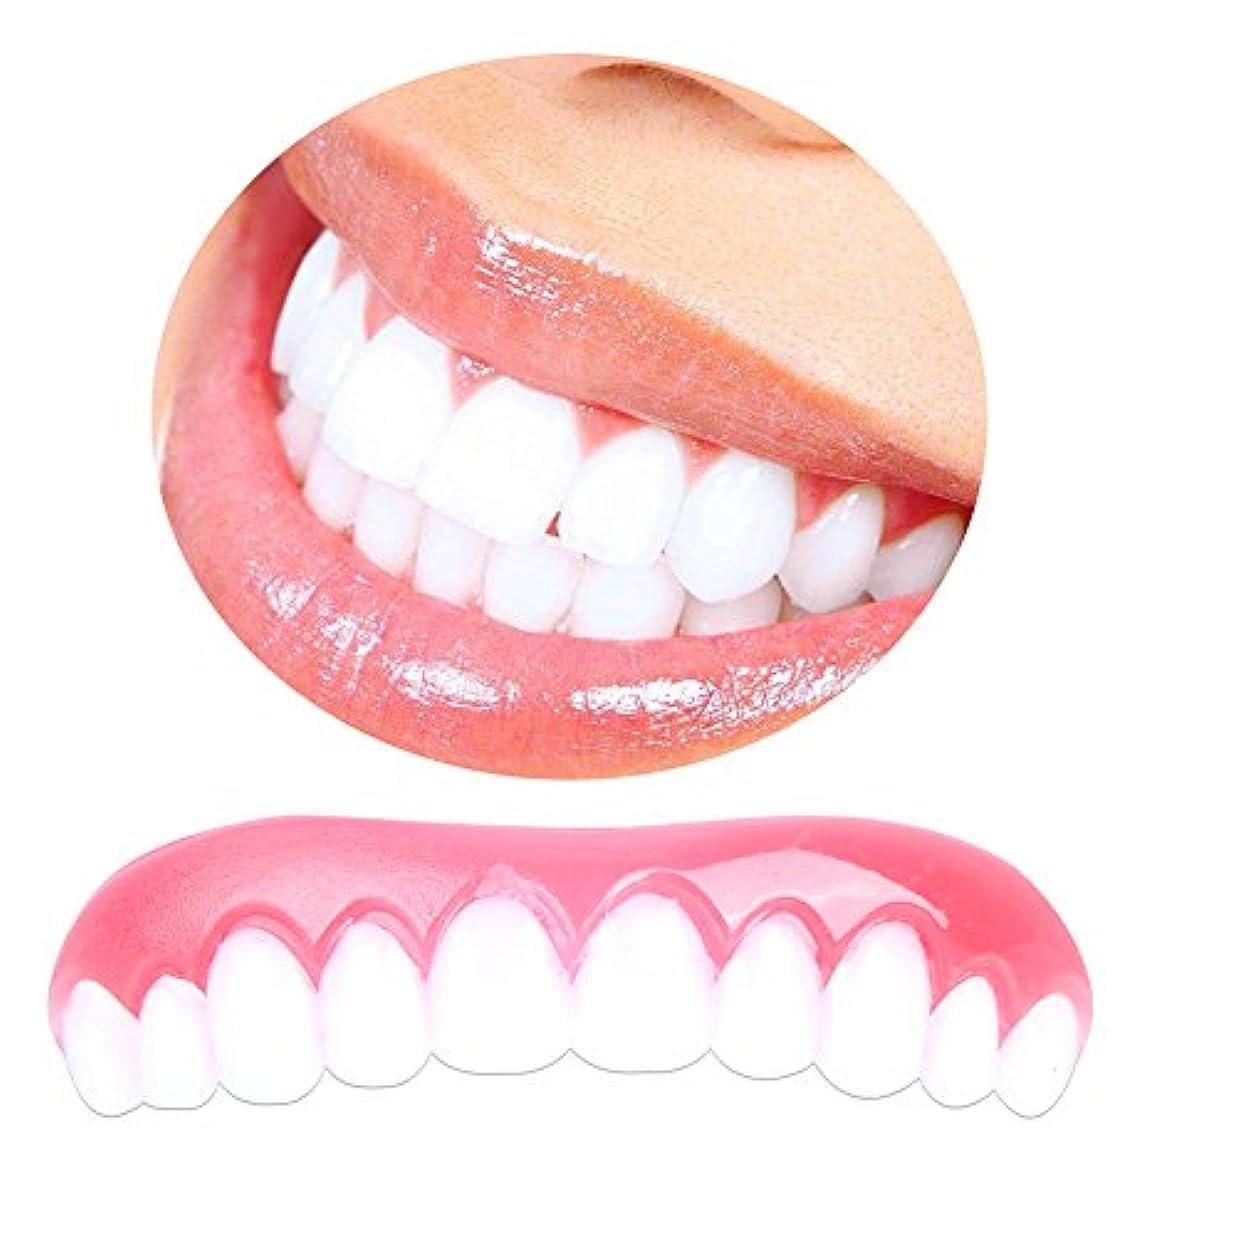 ワット非難する傷つける2個パーフェクトスマイルベニヤダブの歯の修正のための在庫の悪い歯のためのパーフェクトスマイルベニヤ歯のホワイトニング